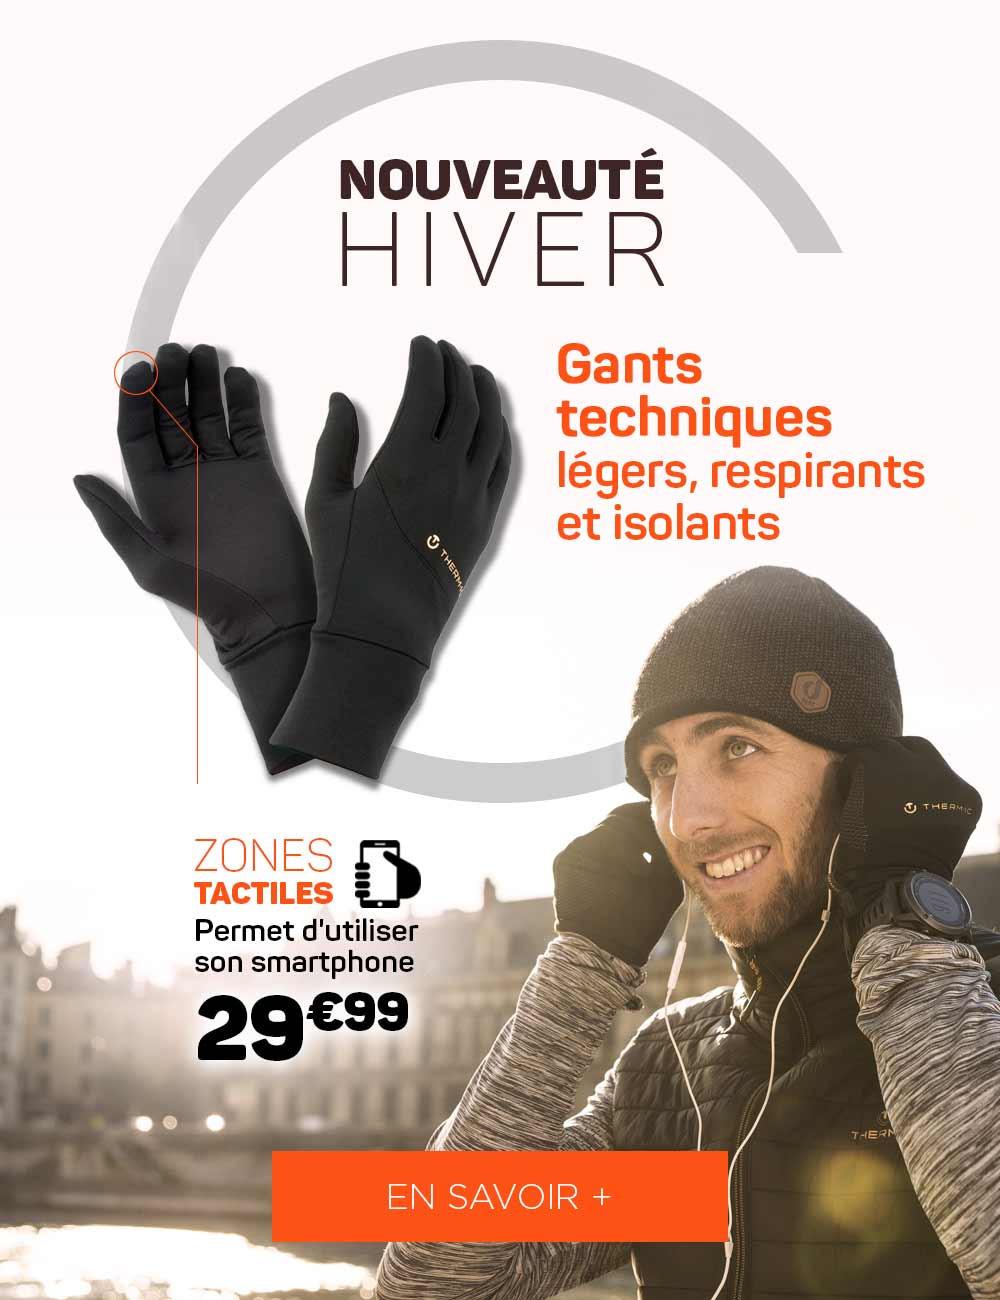 Nouveauté hiver : gants Active Light Tech